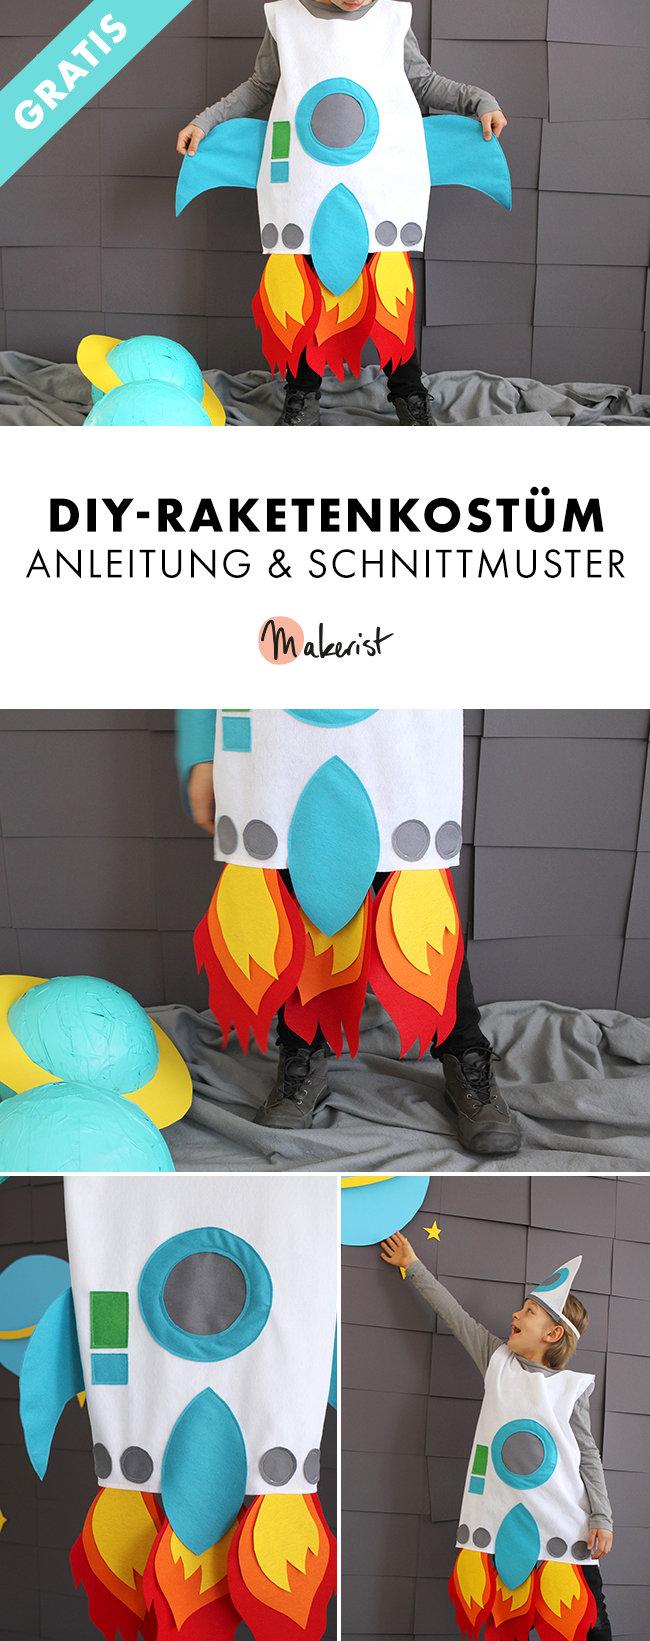 Makerist-Magazin-Raketenkostüm-DIY-Nähen-Alfons-Zitterbacke